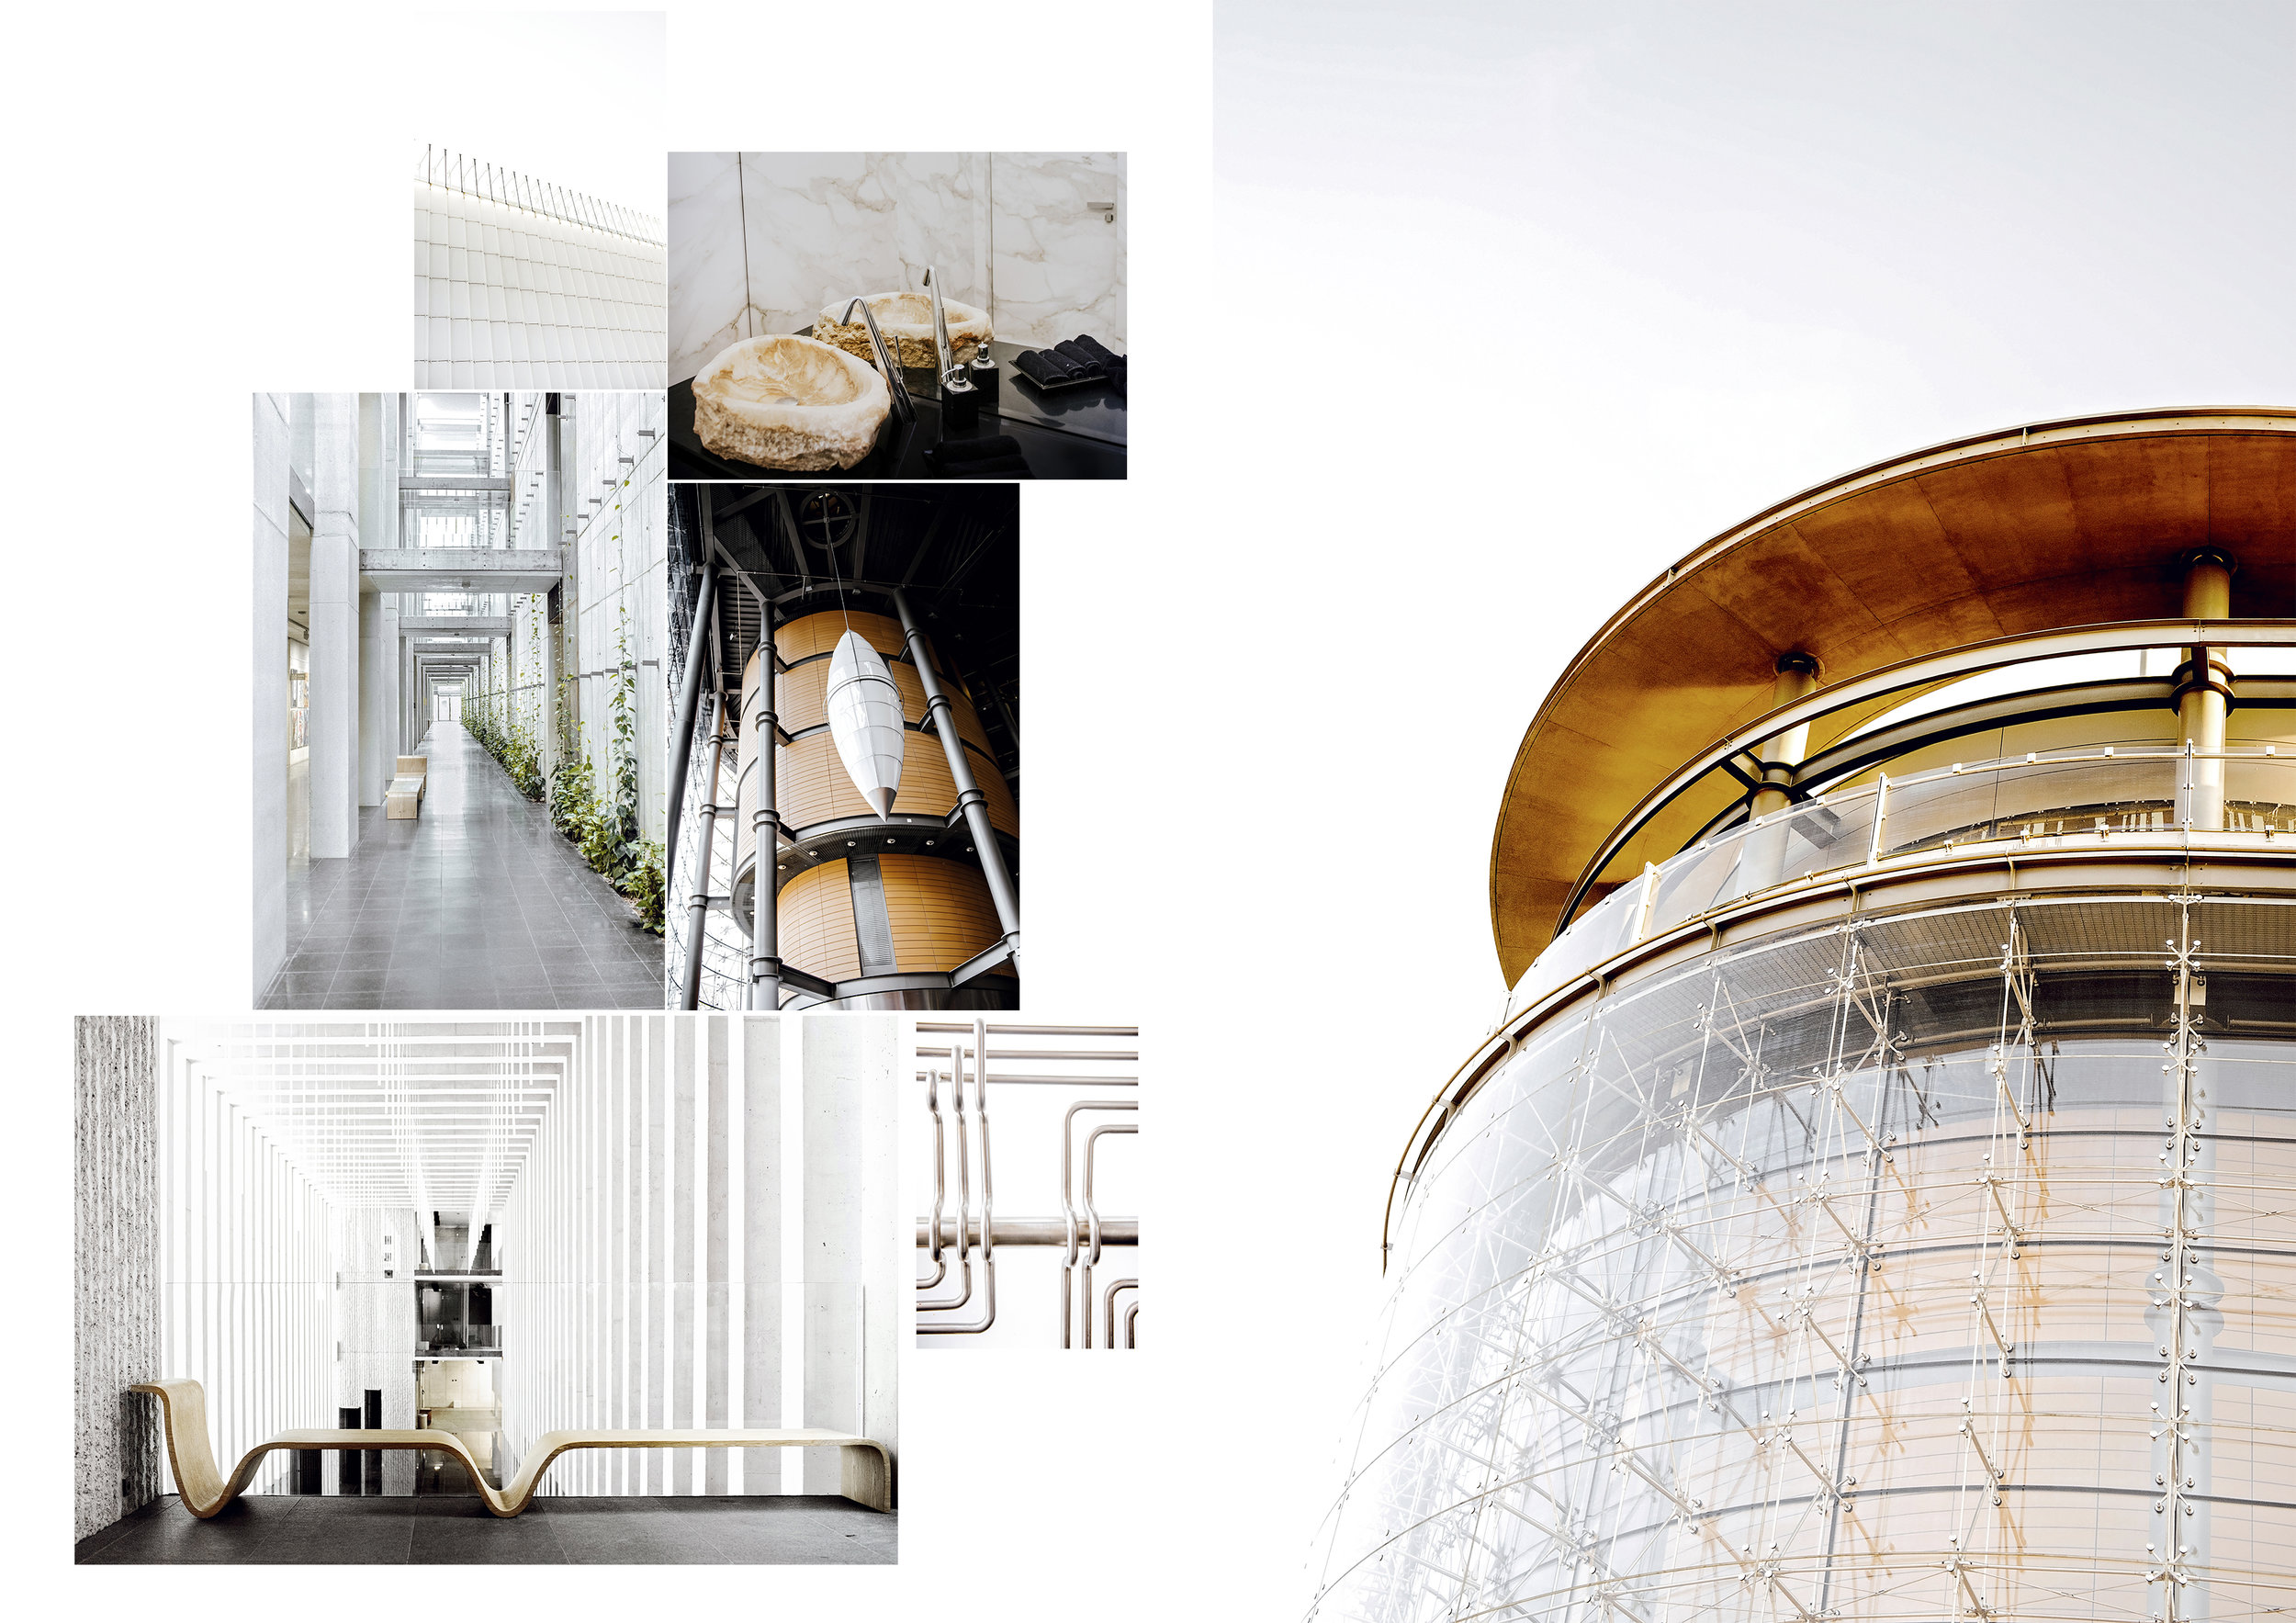 WNĘTRZA & ARCHITEKTURA - Naturalne światło i stylizacja przestrzeni buduje odpowiedni plan podczas sesji zdjęciowej we wnętrzach. Prawidłowy dobór kadrów, profesjonalnego sprzętu fotograficznego, postprodukcja i przemyślana wizja są gwarancją najwyższej jakości usług, co przekłada się także na zysk moich klientów. Oferta fotografii wnętrz i architektury obejmuje: sesje stylizacyjne wnętrz wykonywane dla architektów i biur projektowych, zdjęcia lokali komercyjnych - restauracji, hoteli,butików, fotografia mieszkań i domów na wynajem i sprzedaż oraz sesje wnętrz do publikacji w branżowych magazynach i portalach internetowych. Ceny ustalane są indywidualnie w zależności od liczby zdjęć, miejsca i rodzaju lokalu.